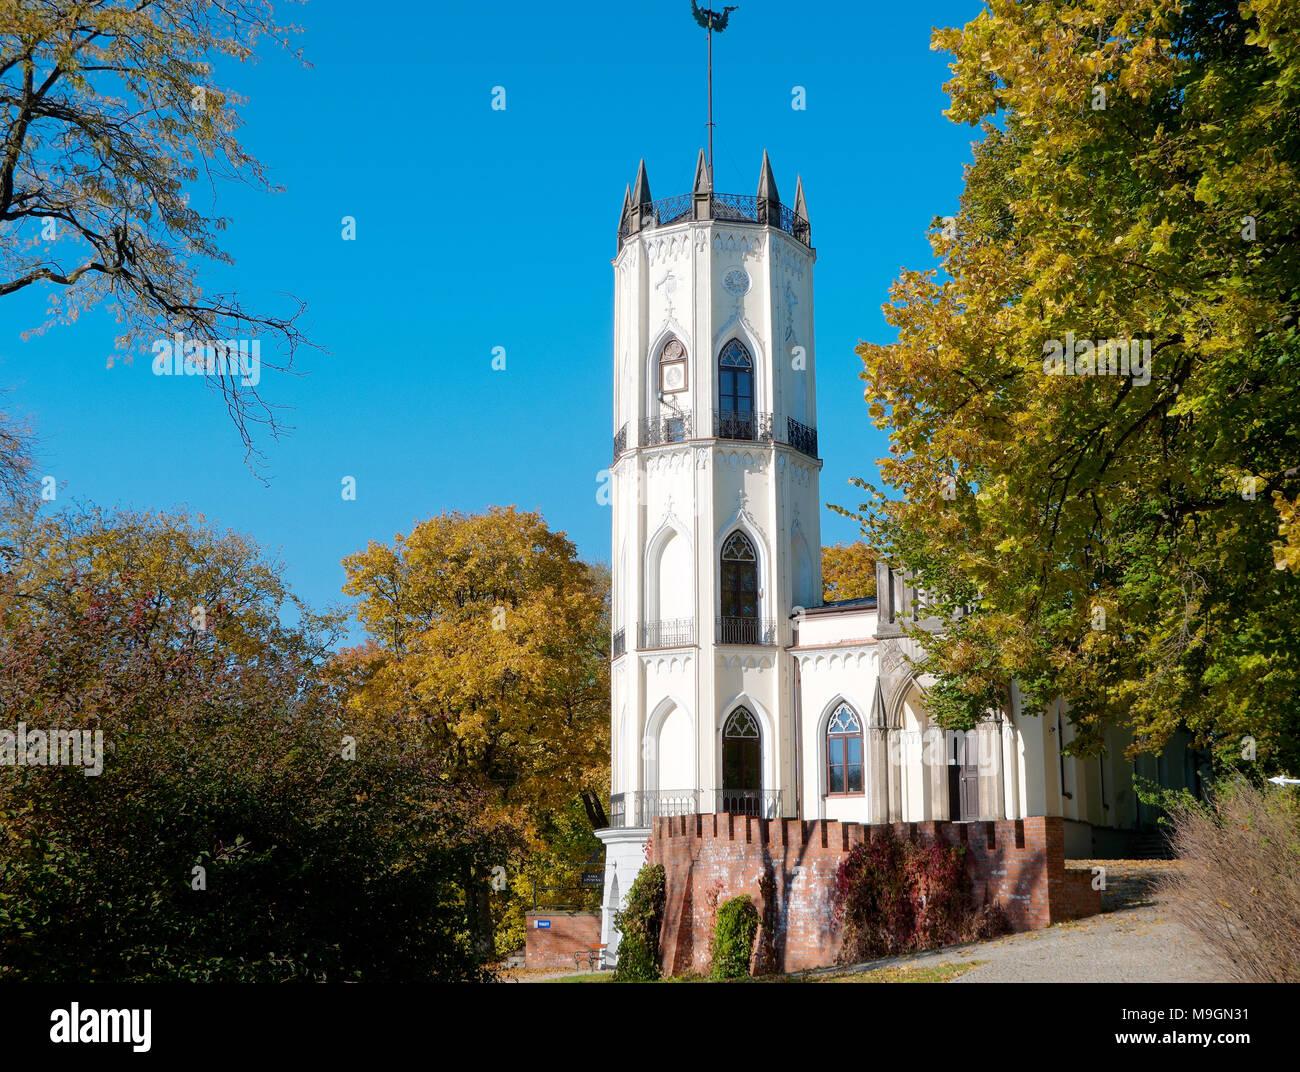 Neo-gotischen Palast, der Sitz der Krasinski Familie. Aktuell Museum der Romantik. Opinogora, Mazovian Provinz, Polen, Europa. Stockbild